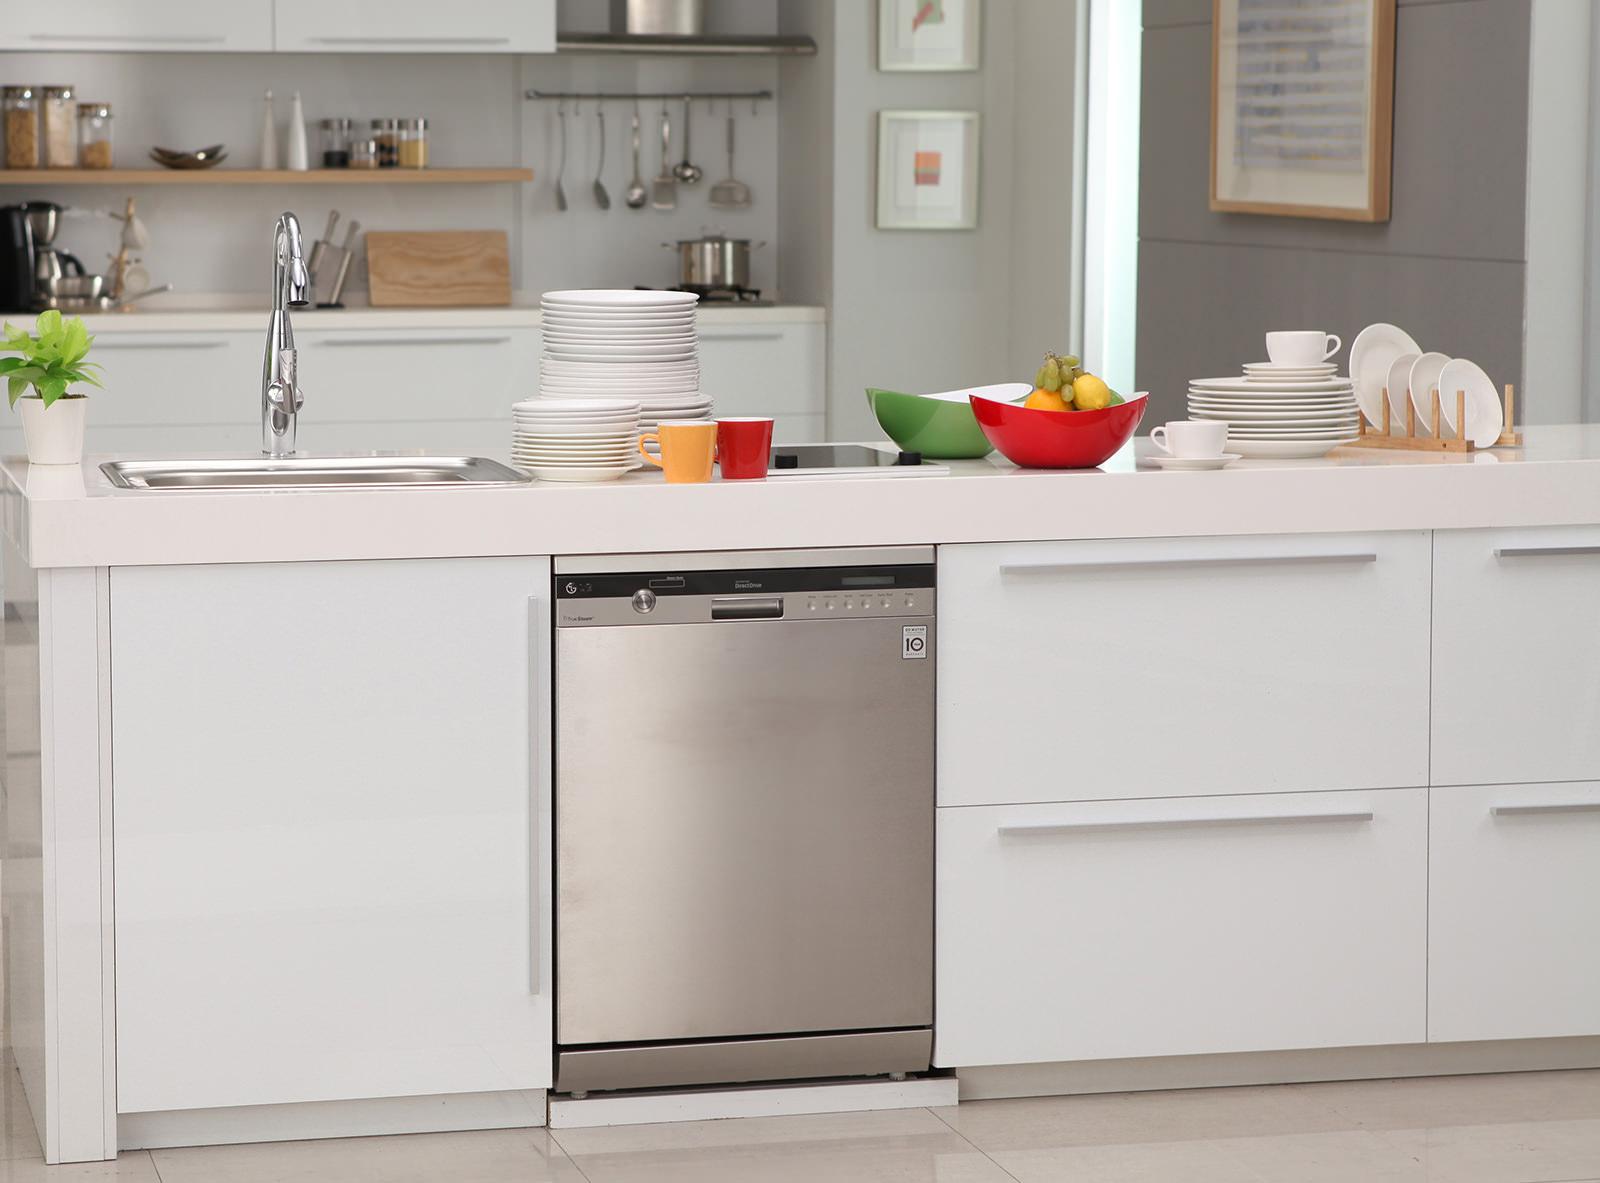 Как выбрать посудомоечную машину - посудомоечная машина под столешницей